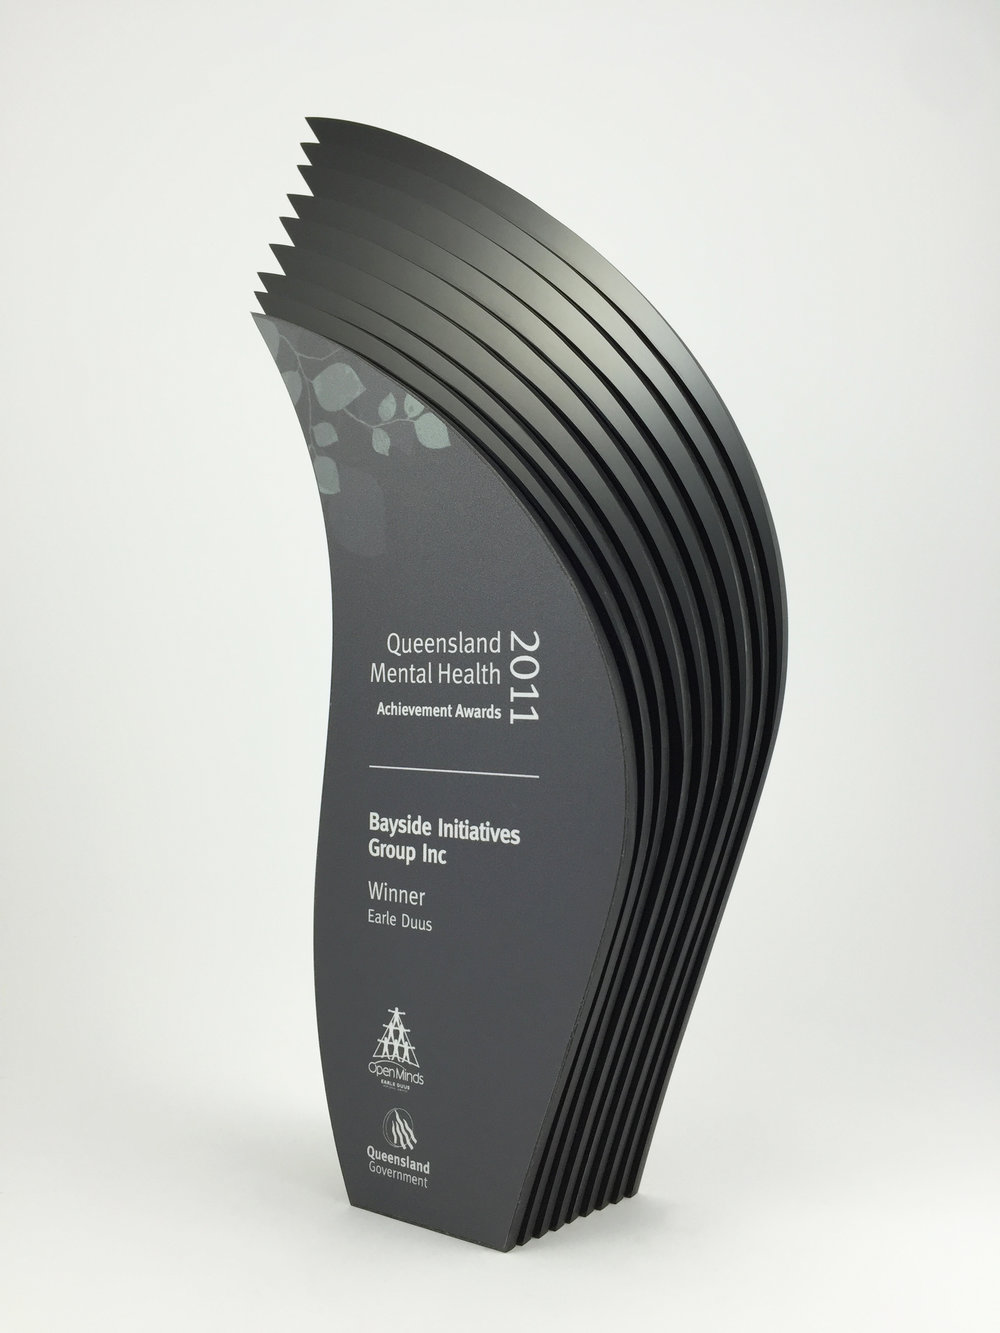 qld-mental-health-acrylic-trophy-awards-01.jpg